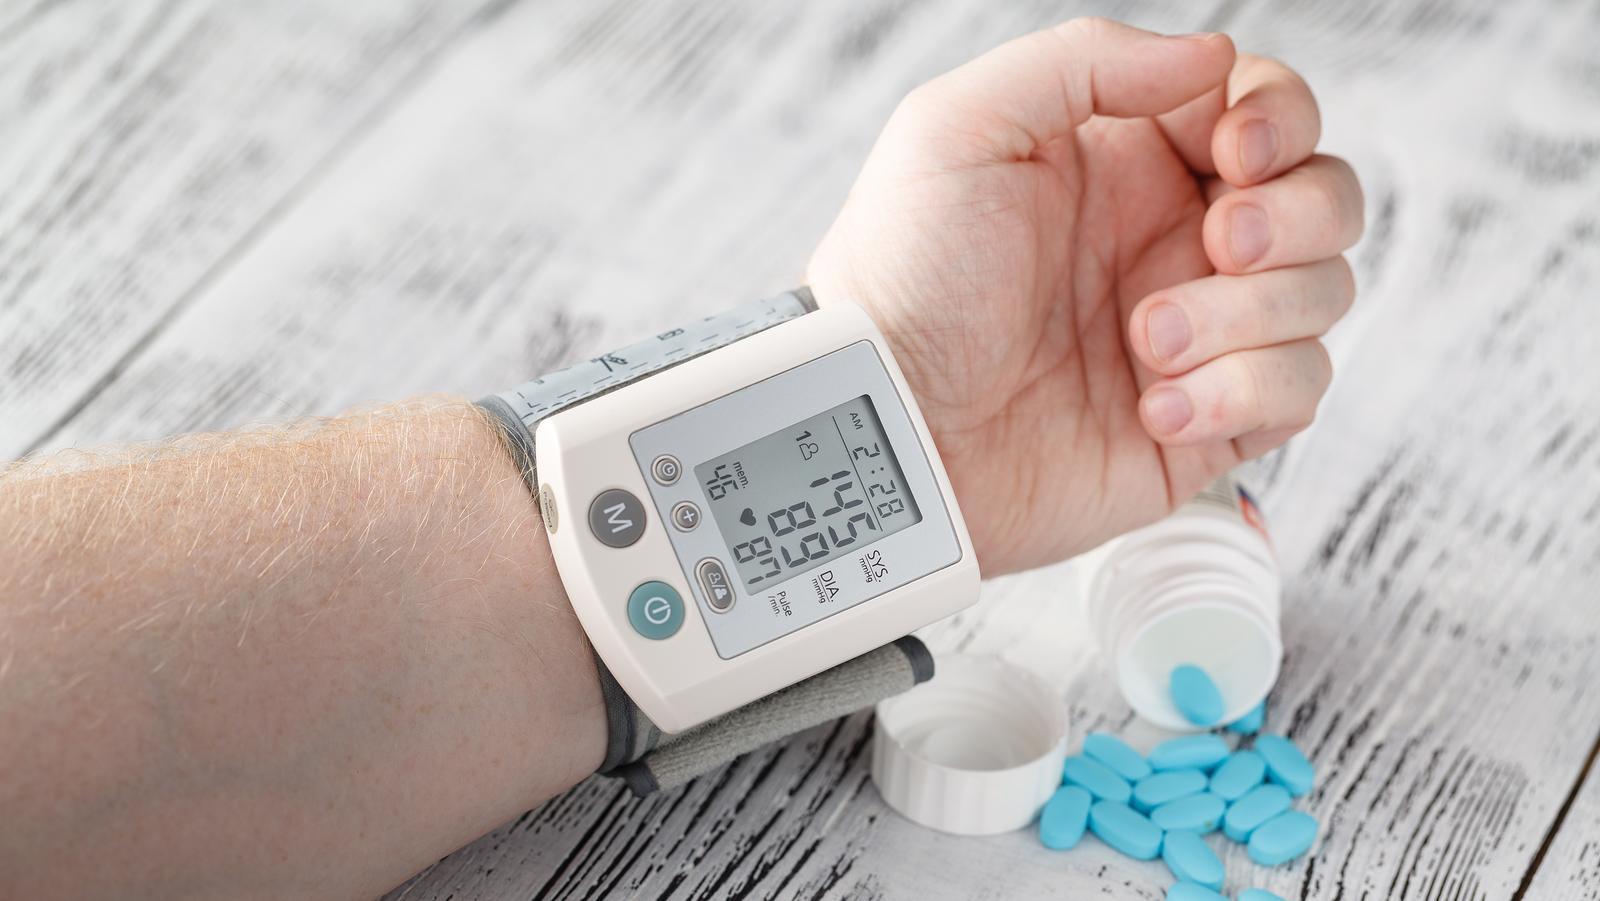 hogyan lehet a hipertóniát örökre gyógyítani gyógyszerek nélkül Kreml diéta magas vérnyomás ellen